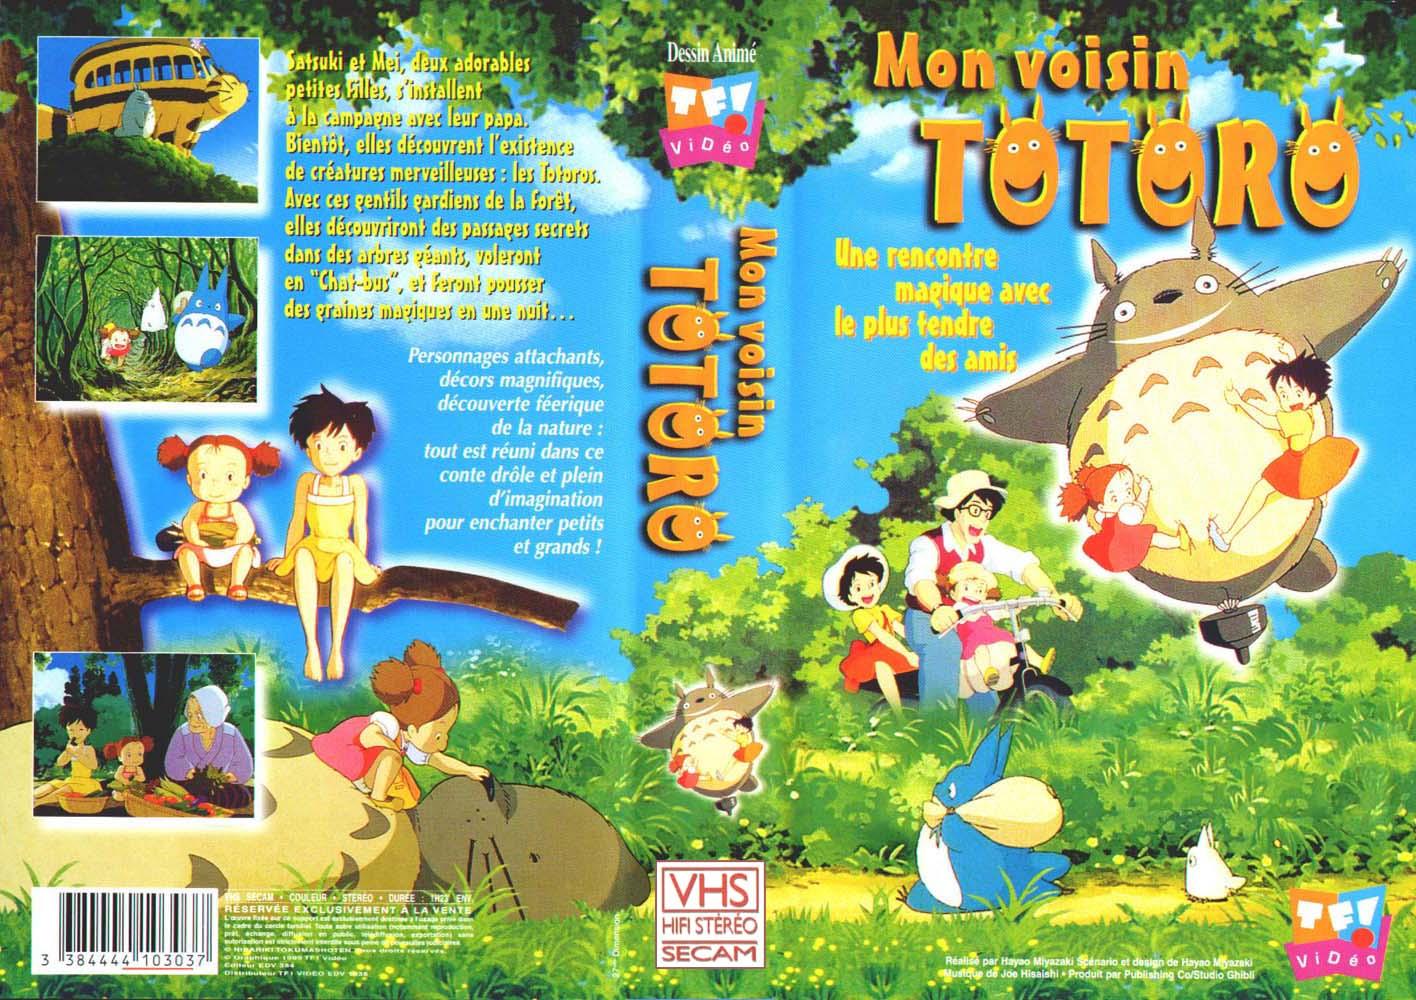 Mon voisin Totoro (couverture de la VHS)